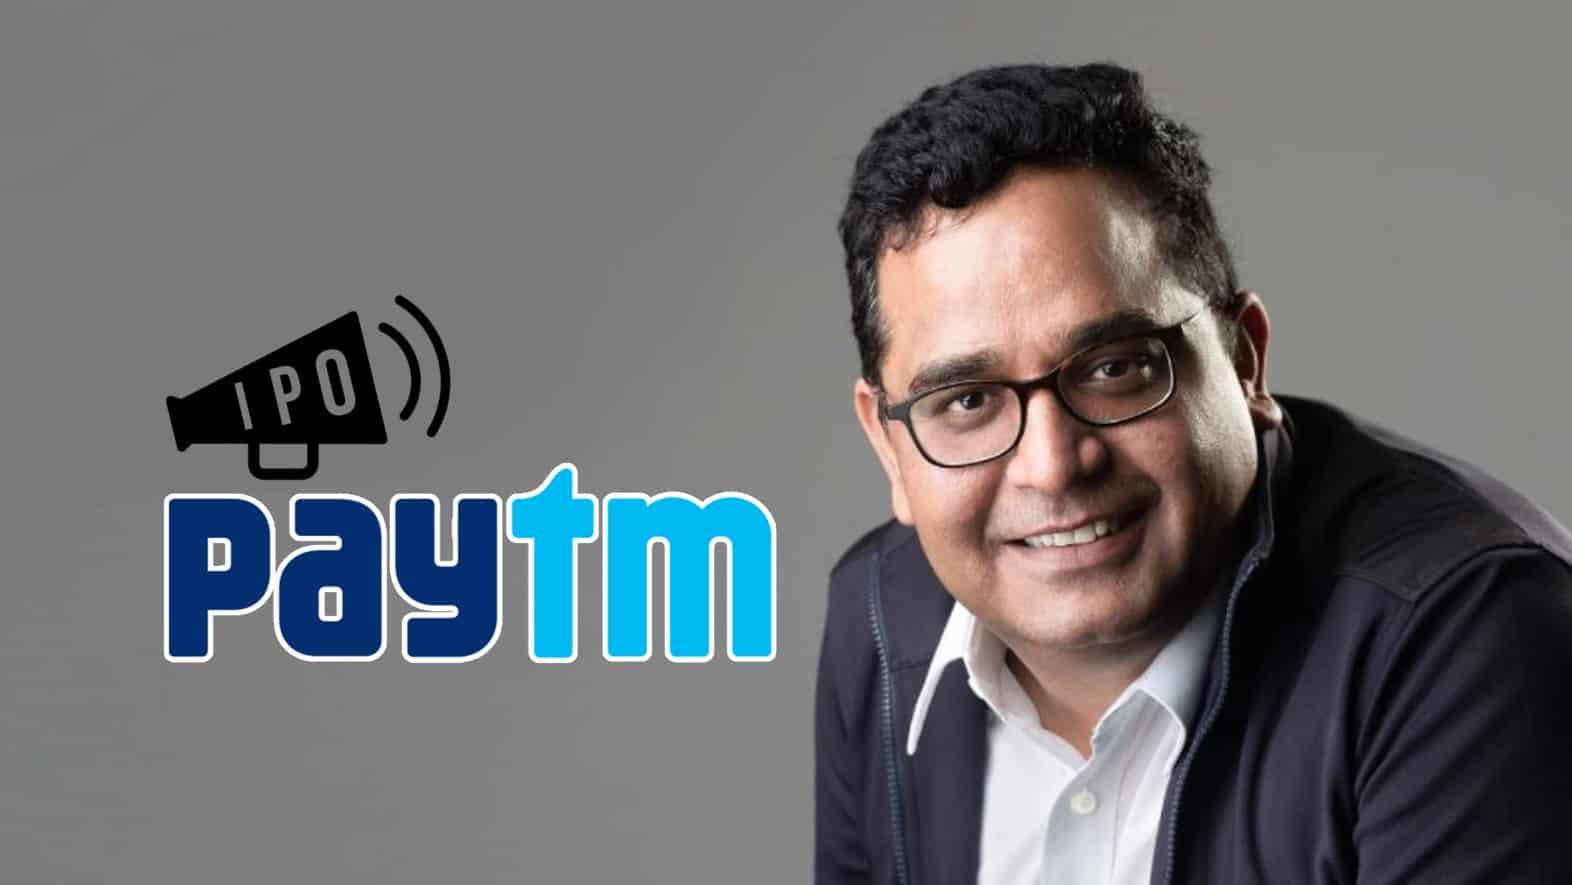 PAYTM और इसके IPO से जुड़ी अहम् जानकारी लिस्टिंग प्राइस, रिलीज़ डेट